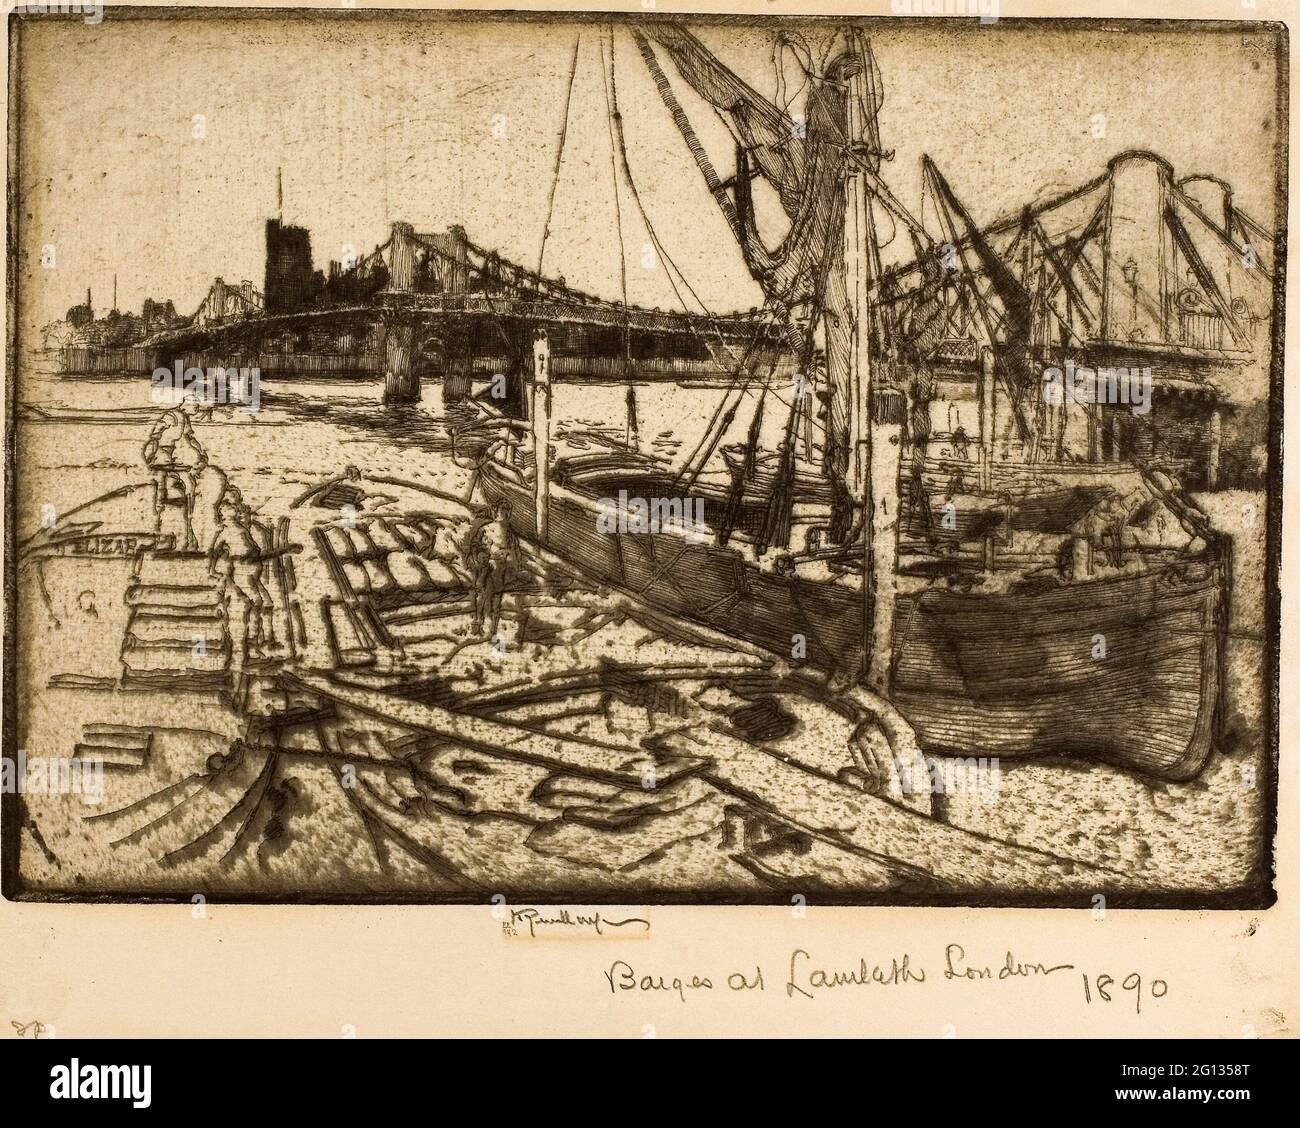 Auteur: Joseph Pennell. Chelsea, no II - 1886 - Joseph Pennell American, 1857-1926. Gravure sur papier vélin ivoire. 1885 - 1886. États-Unis. Banque D'Images